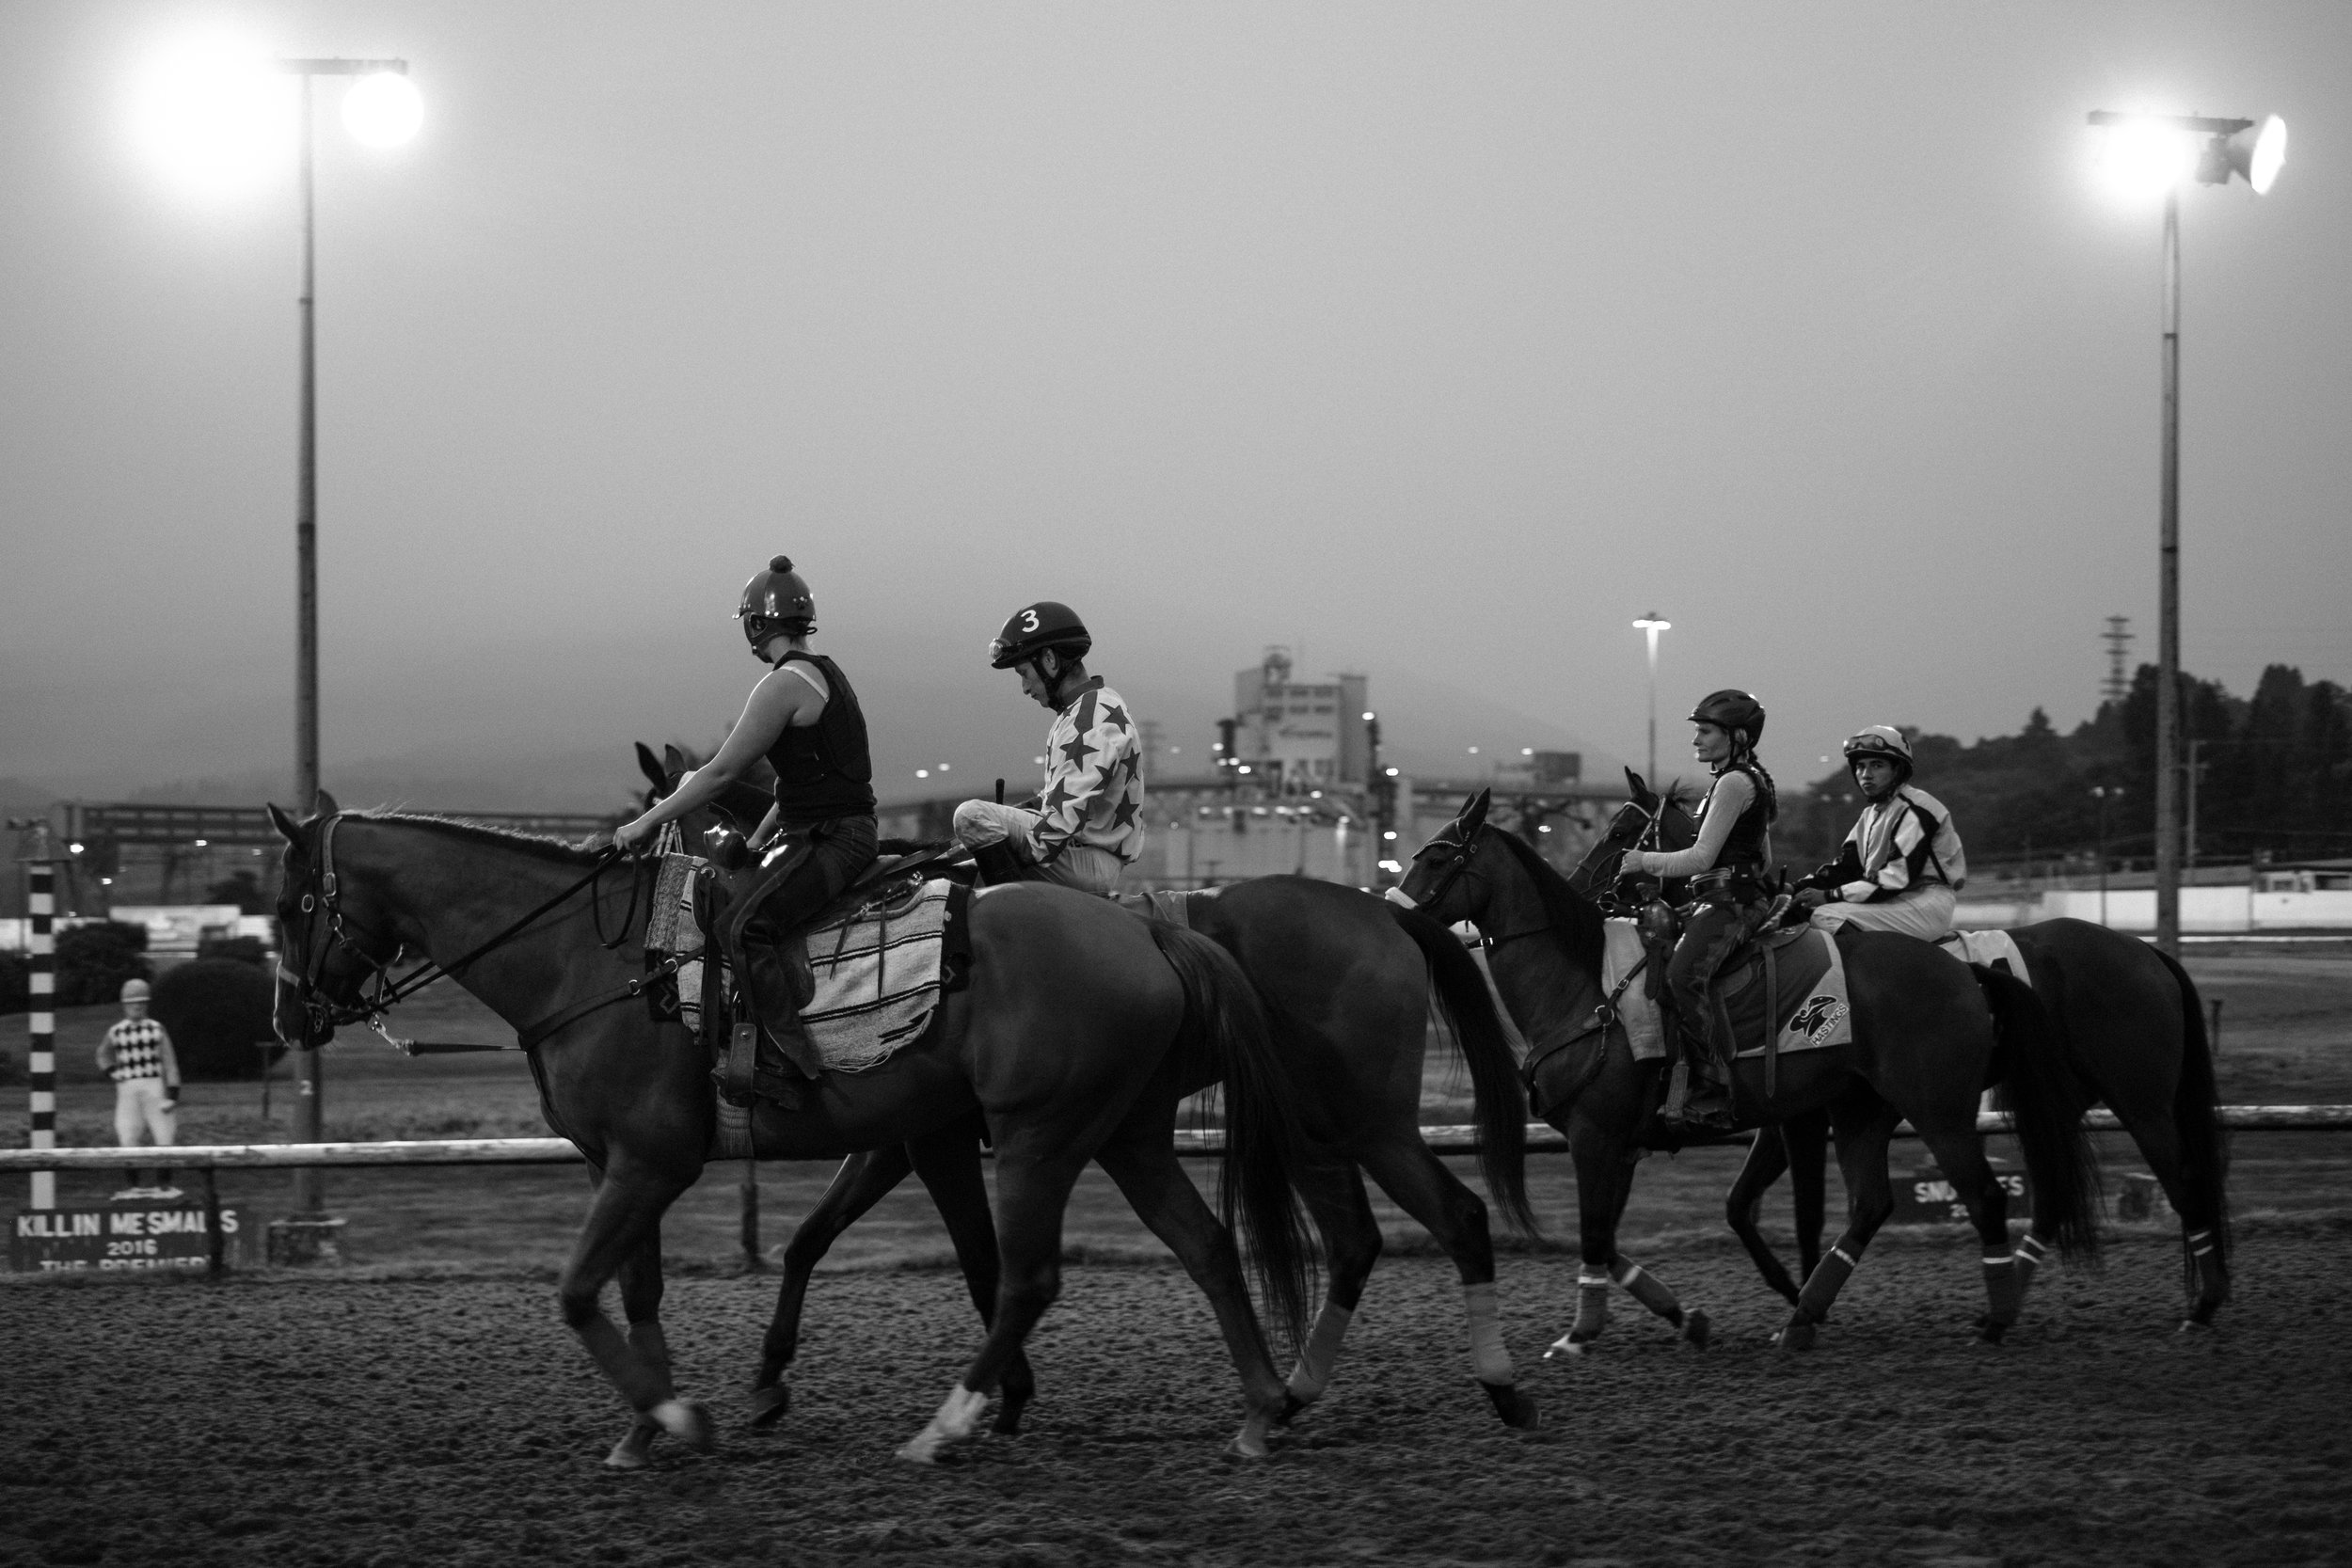 hastings_racecourse-0738.jpg